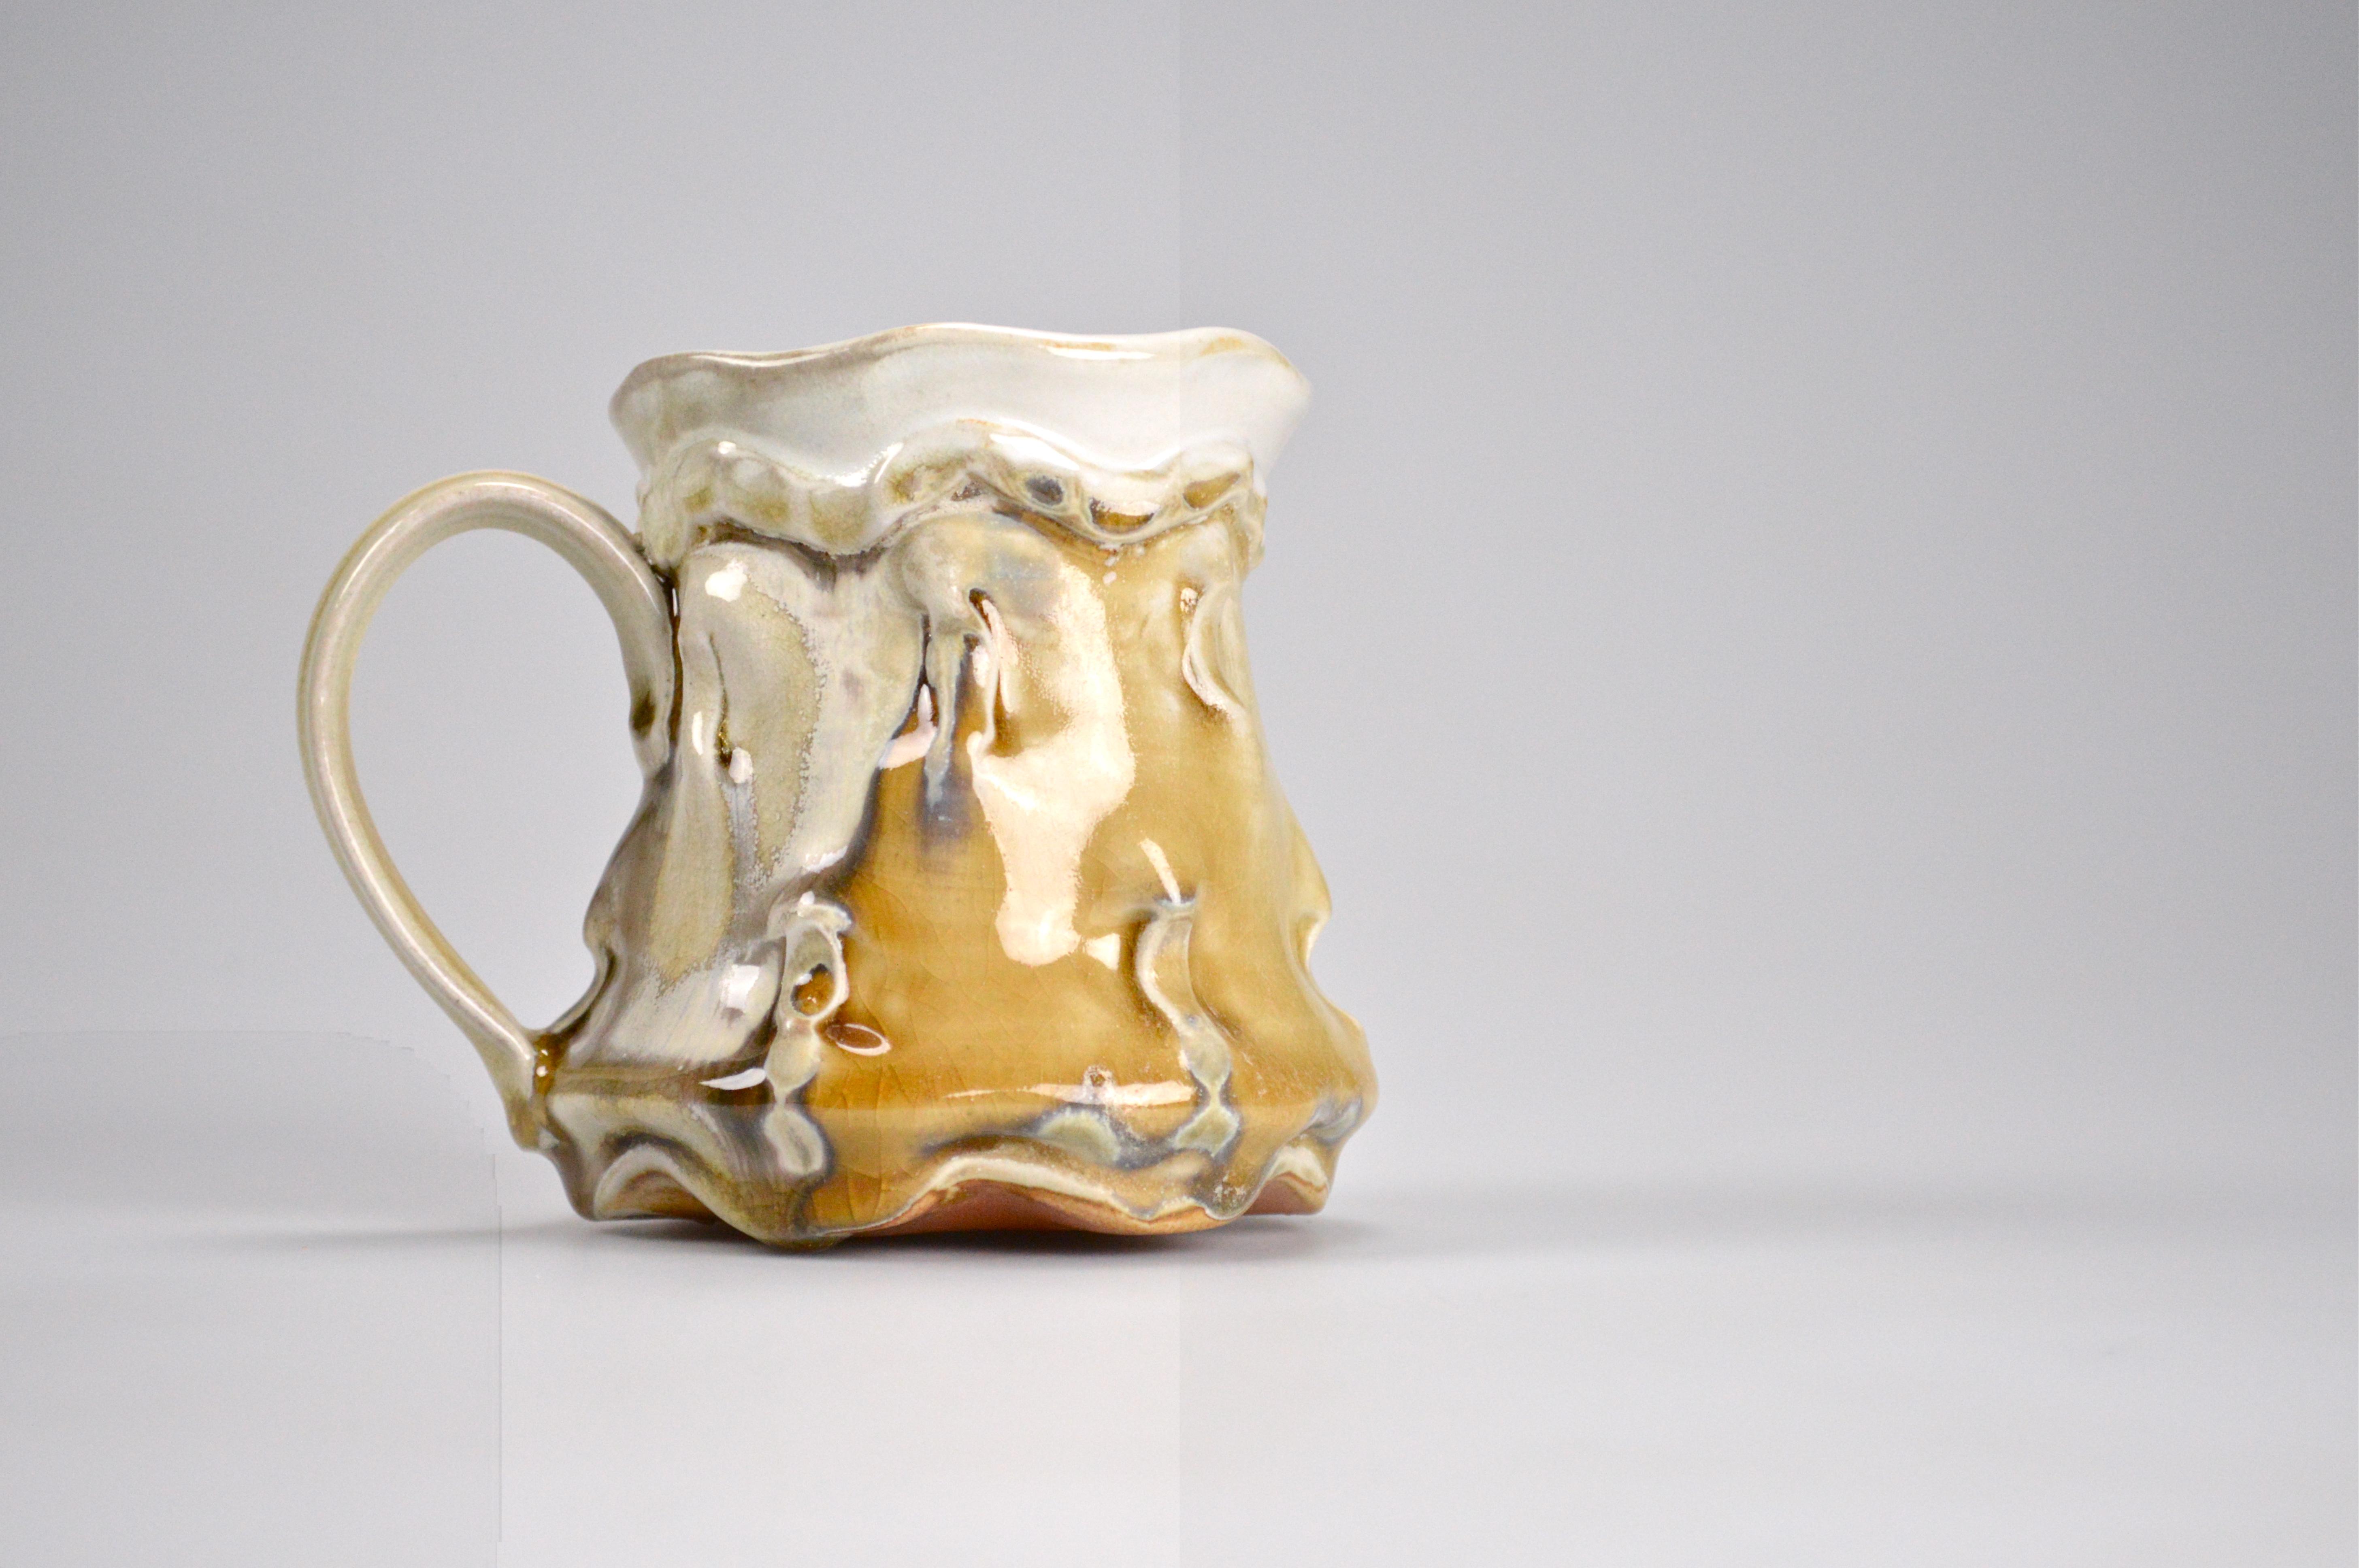 Tall Pinched Mug